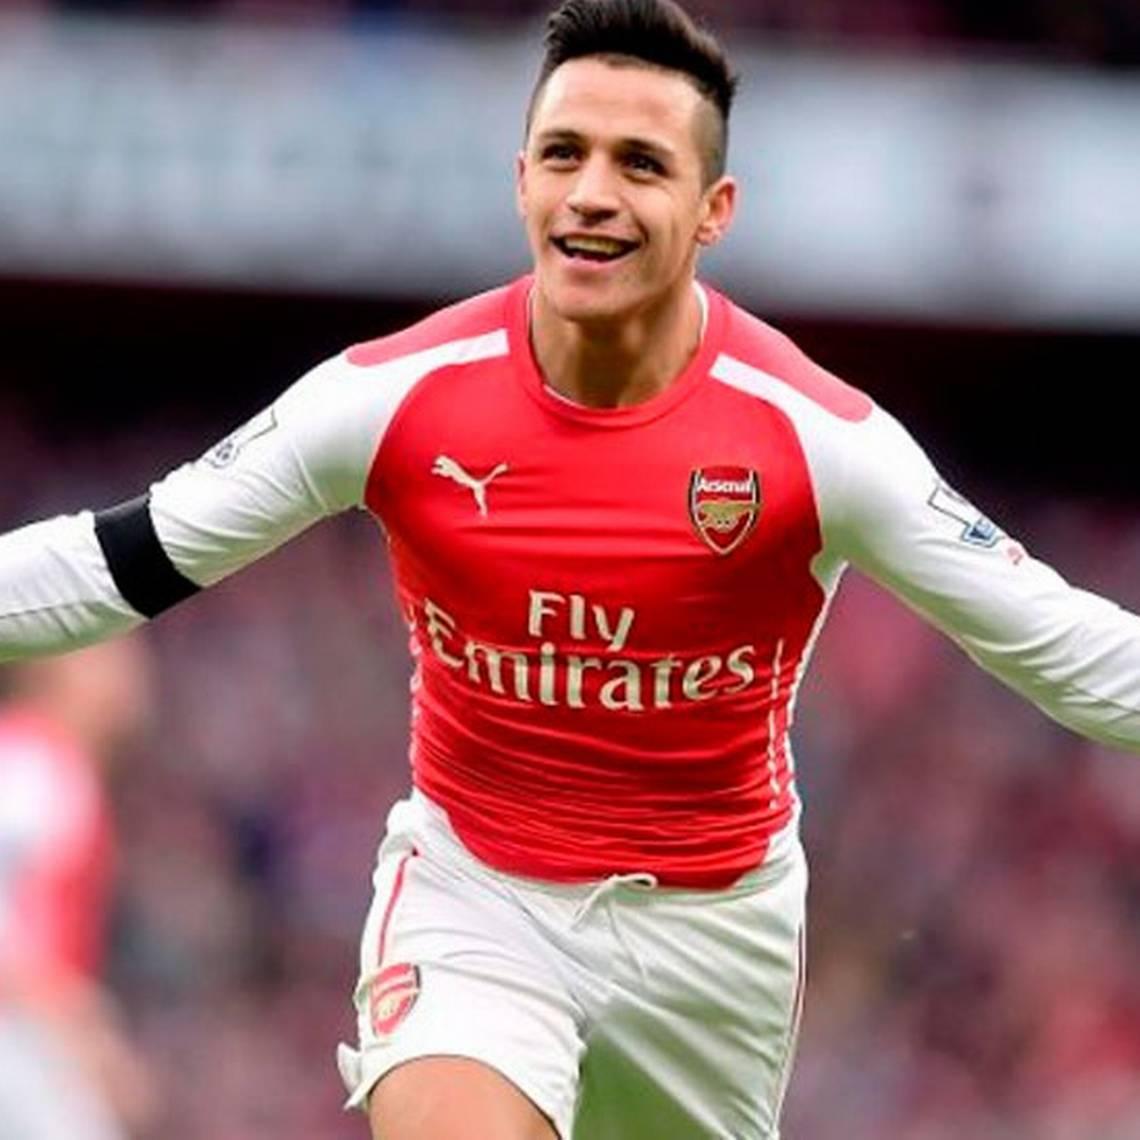 Arsenal destaca los mejores momentos de Alexis Sánchez